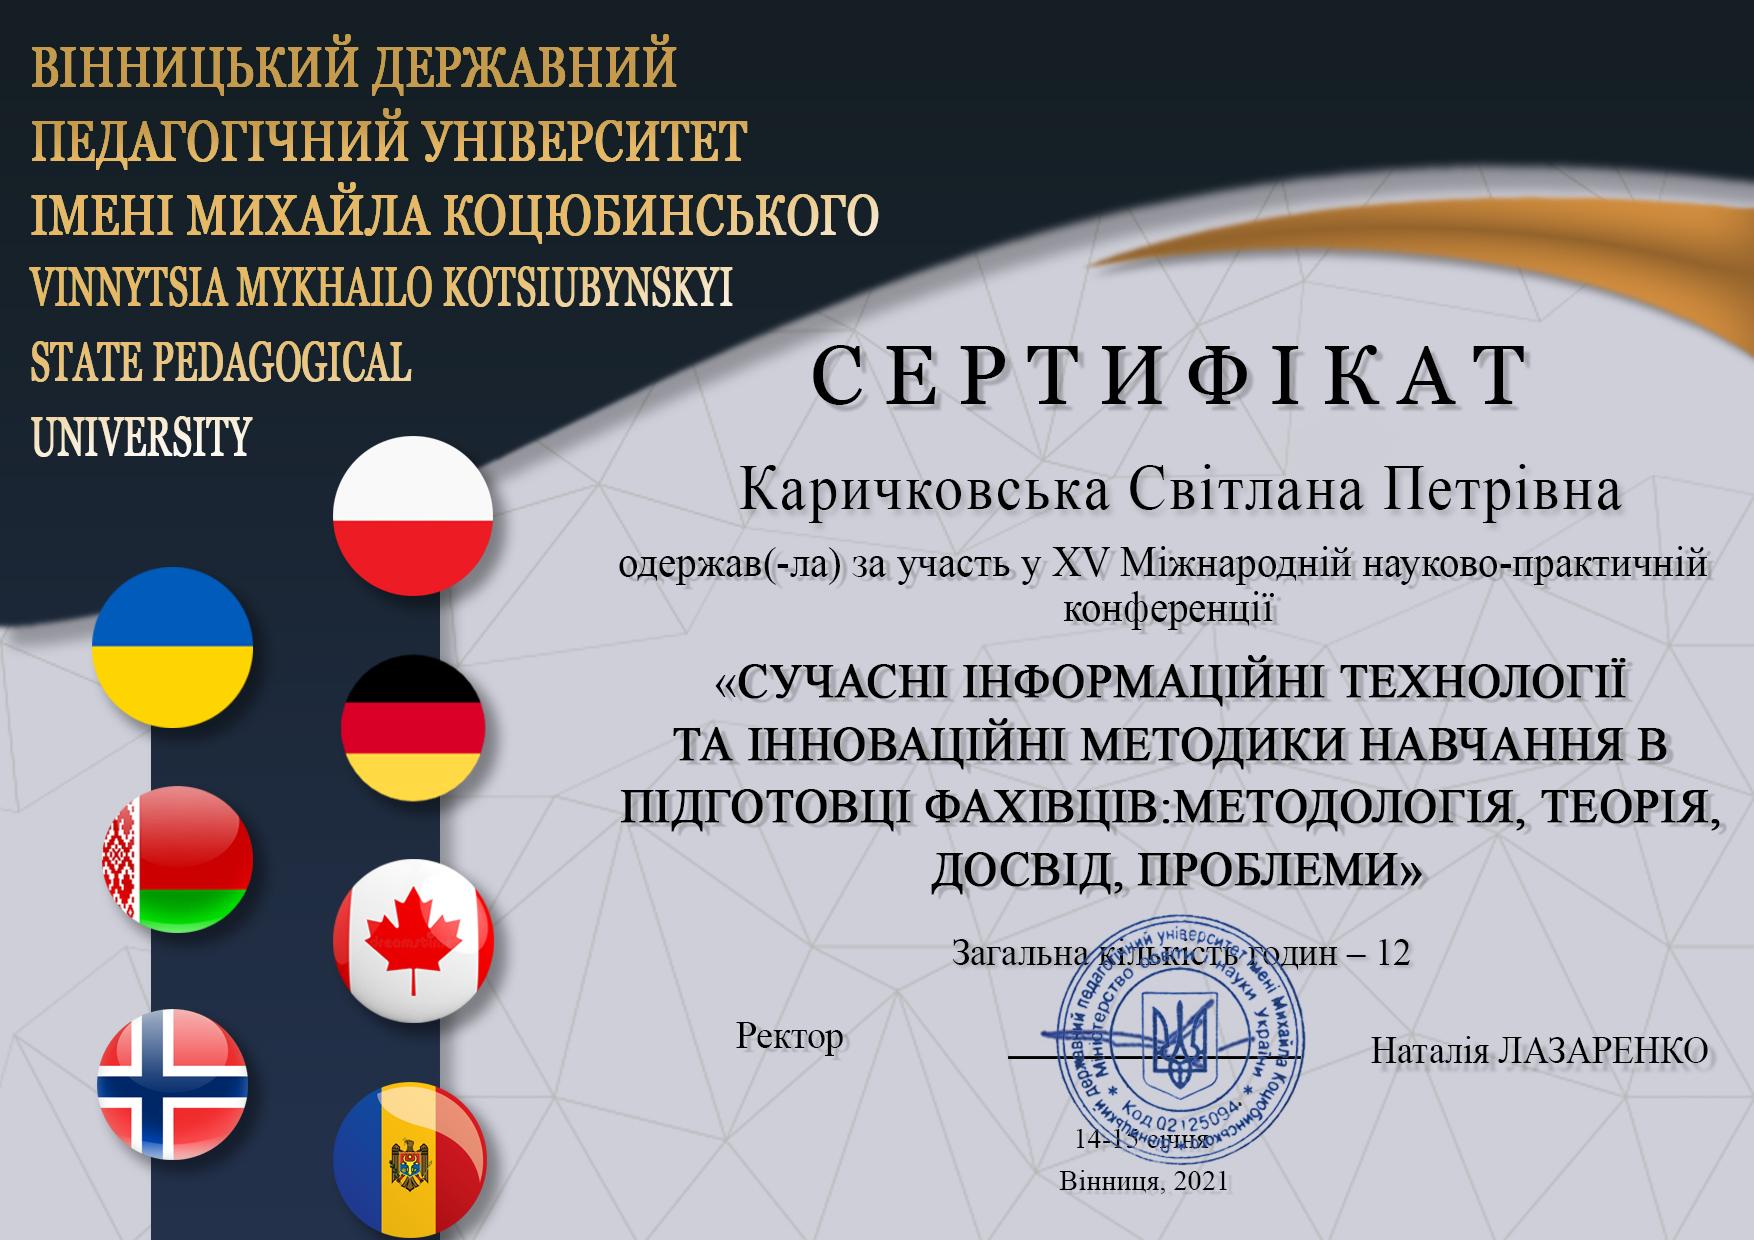 Каричковська Світлана Петрівна